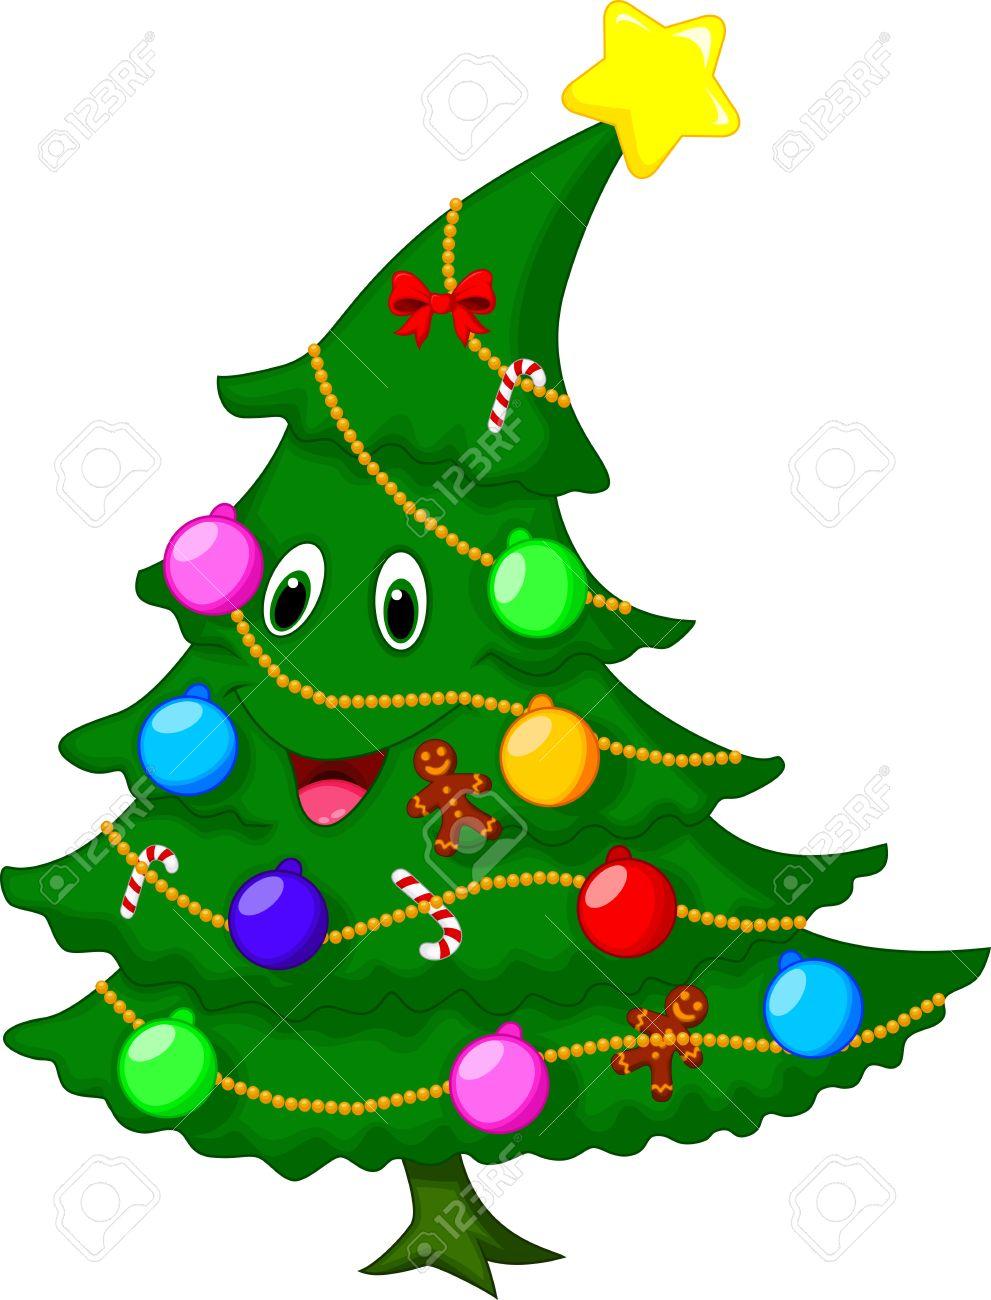 Dibujo Animado De Navidad